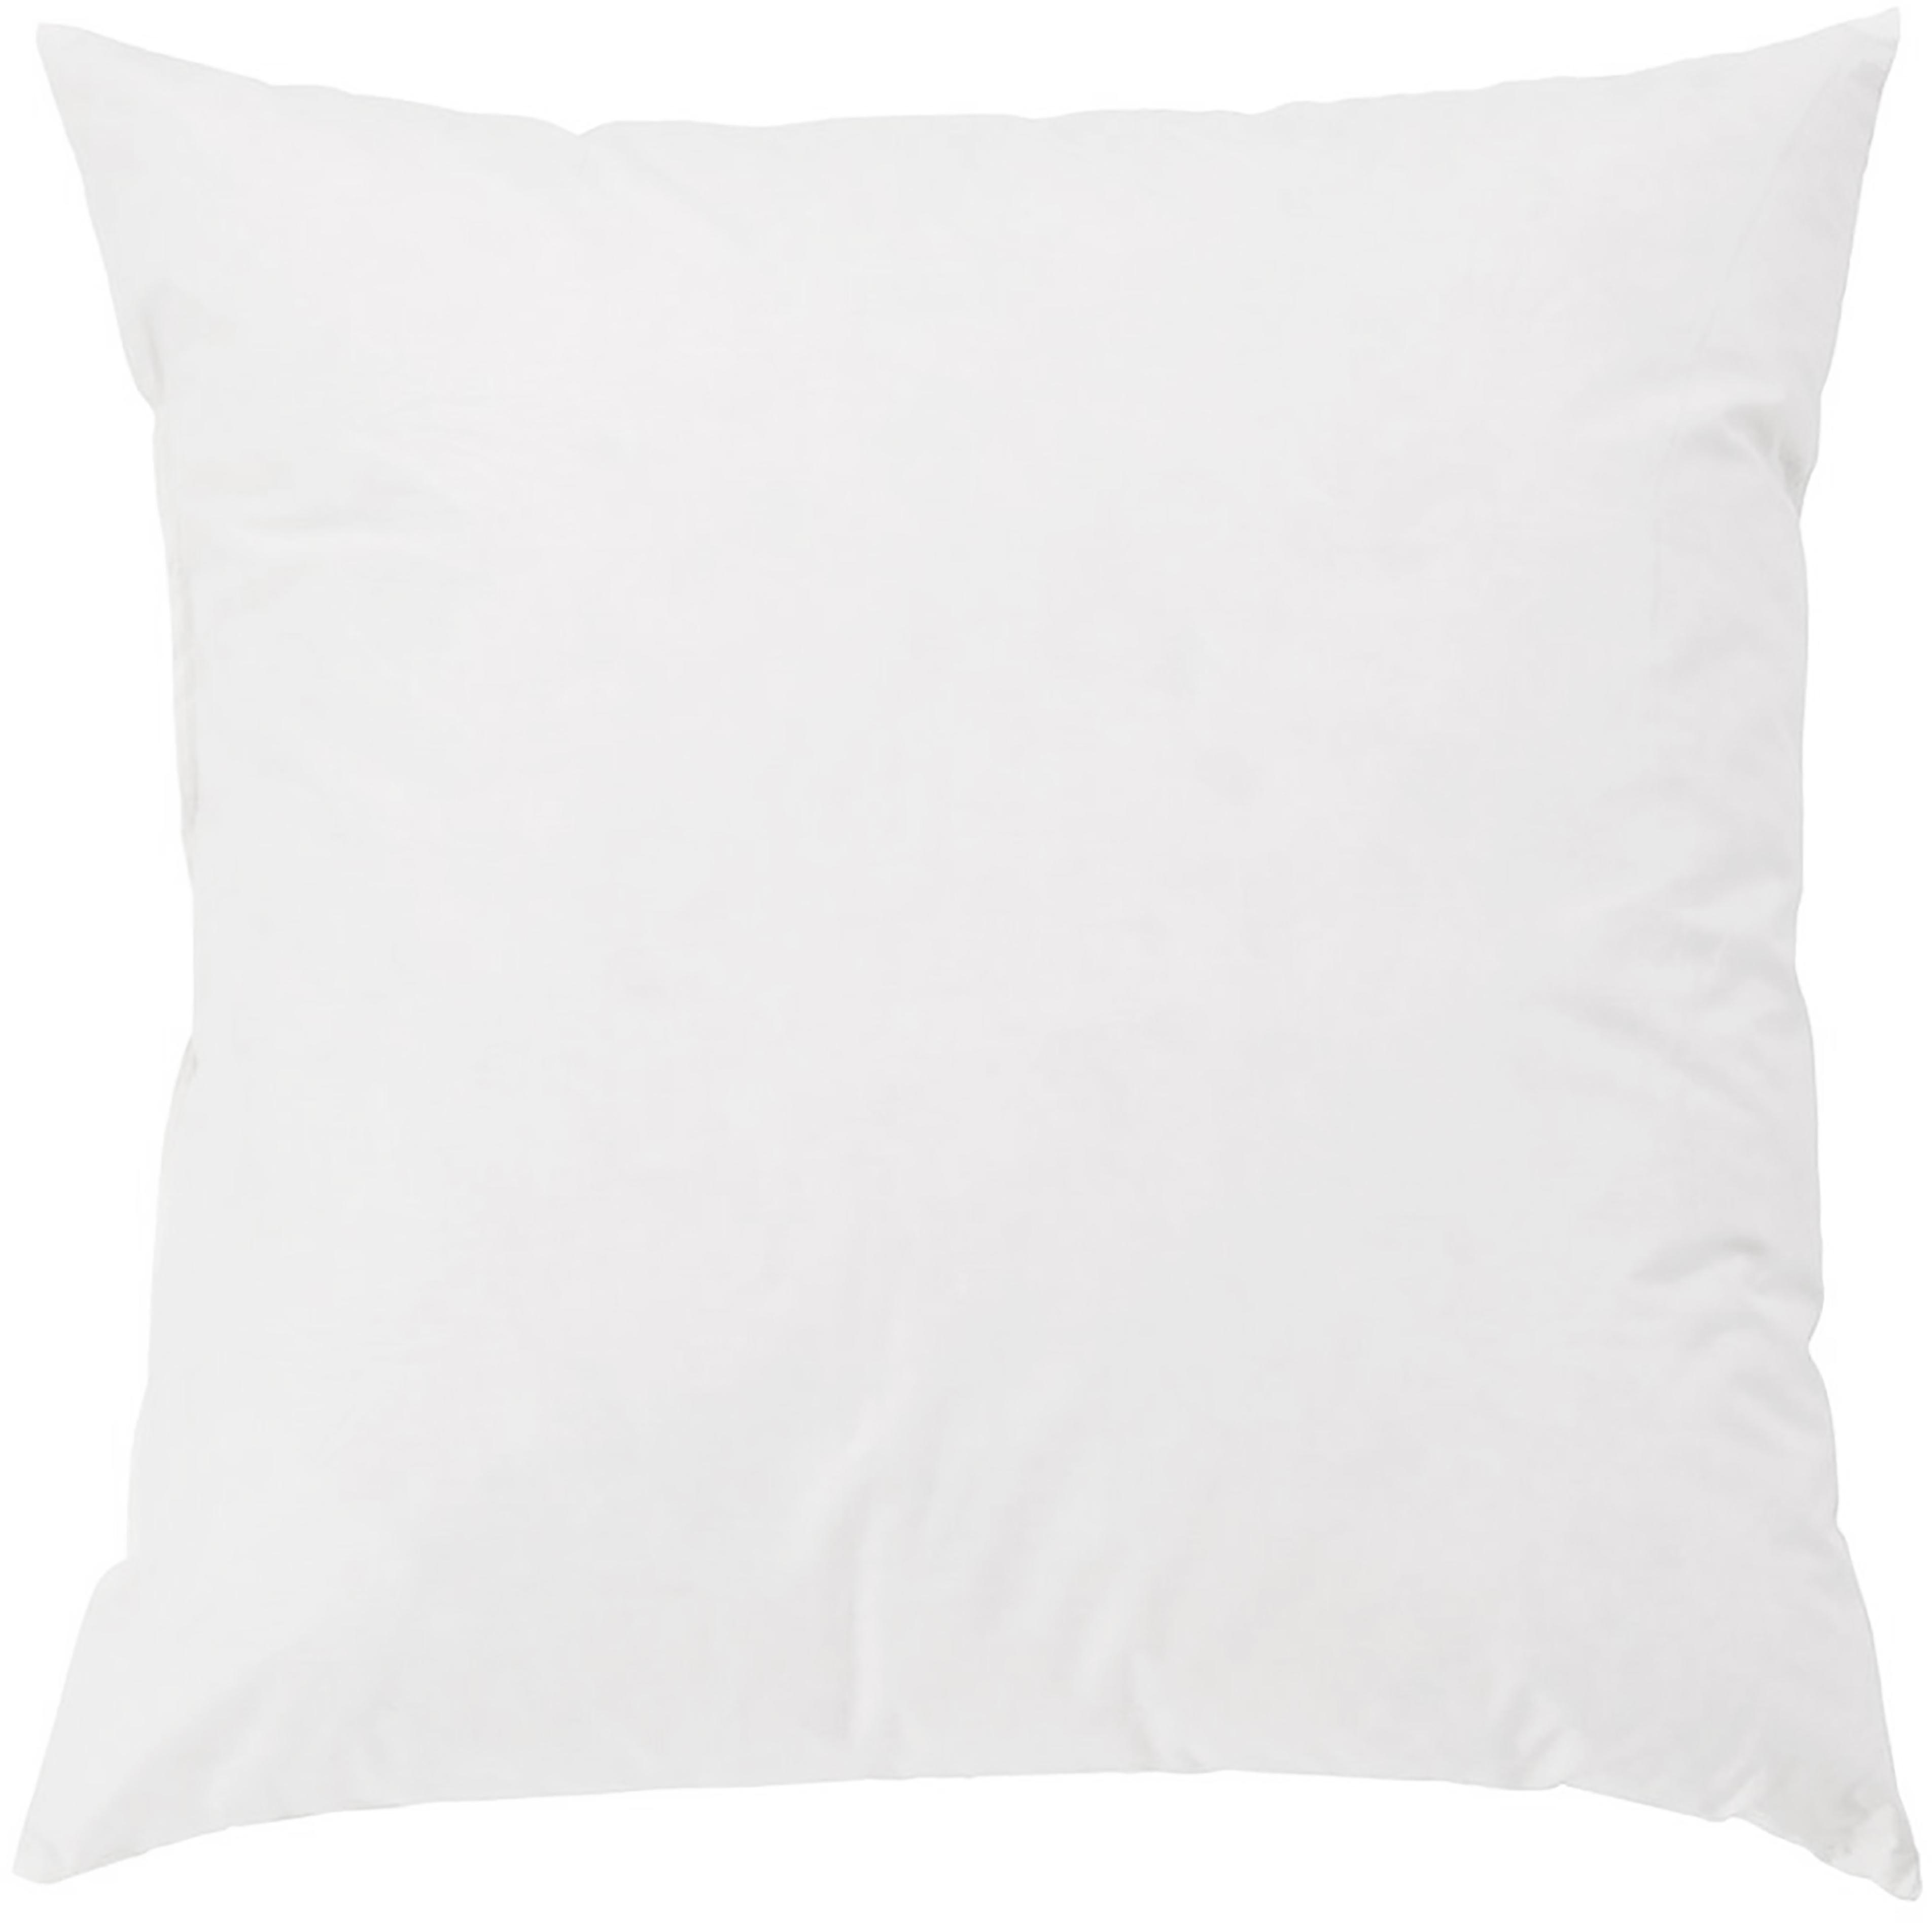 Kissen-Inlett Premium, 45x45, Daunen/Feder-Füllung, Weiß, 45 x 45 cm